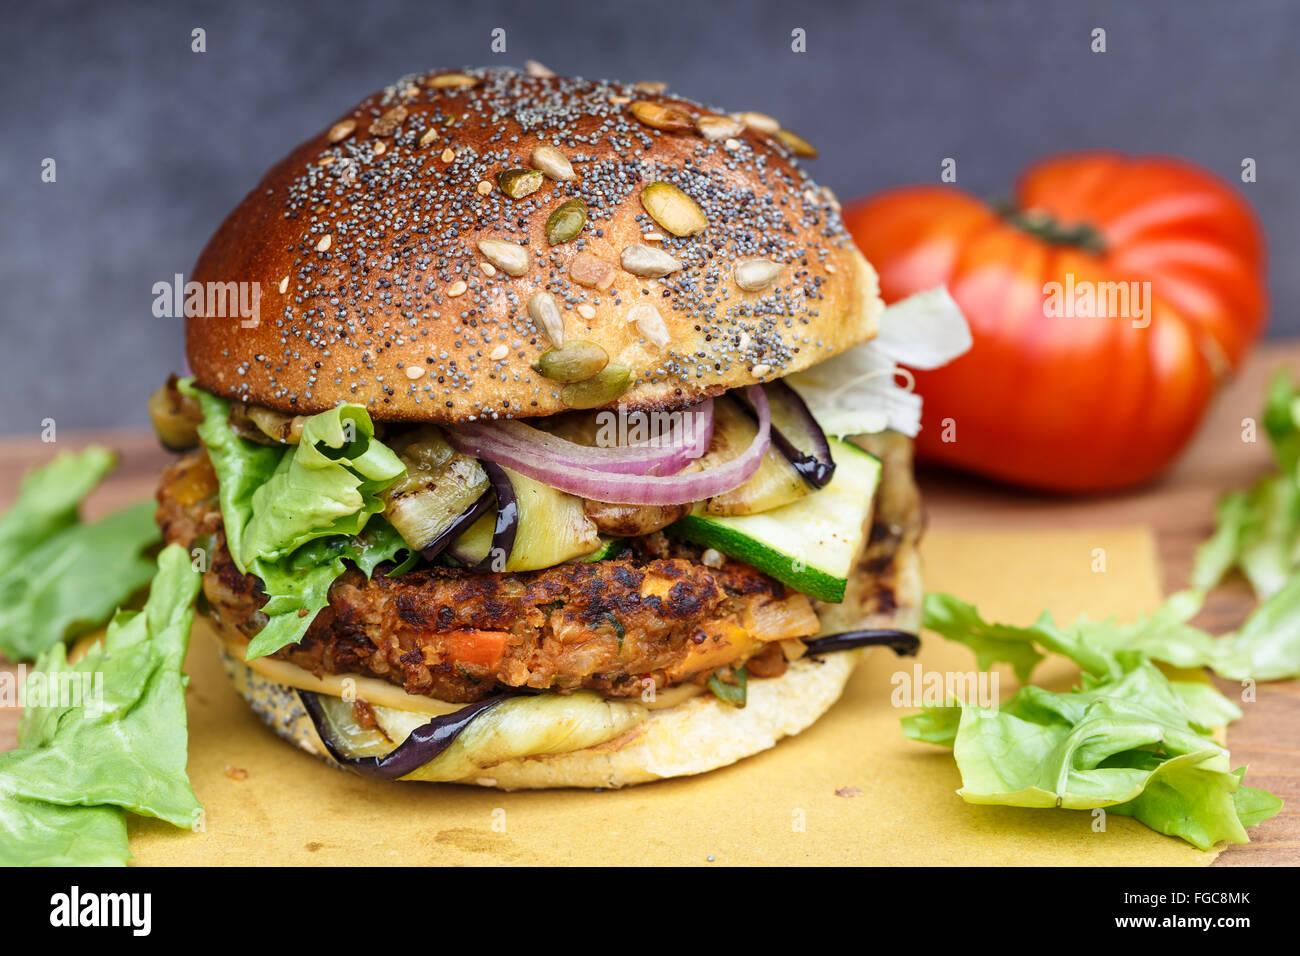 Veggie-Burger mit Zwiebeln, Zucchini, Auberginen Stockbild